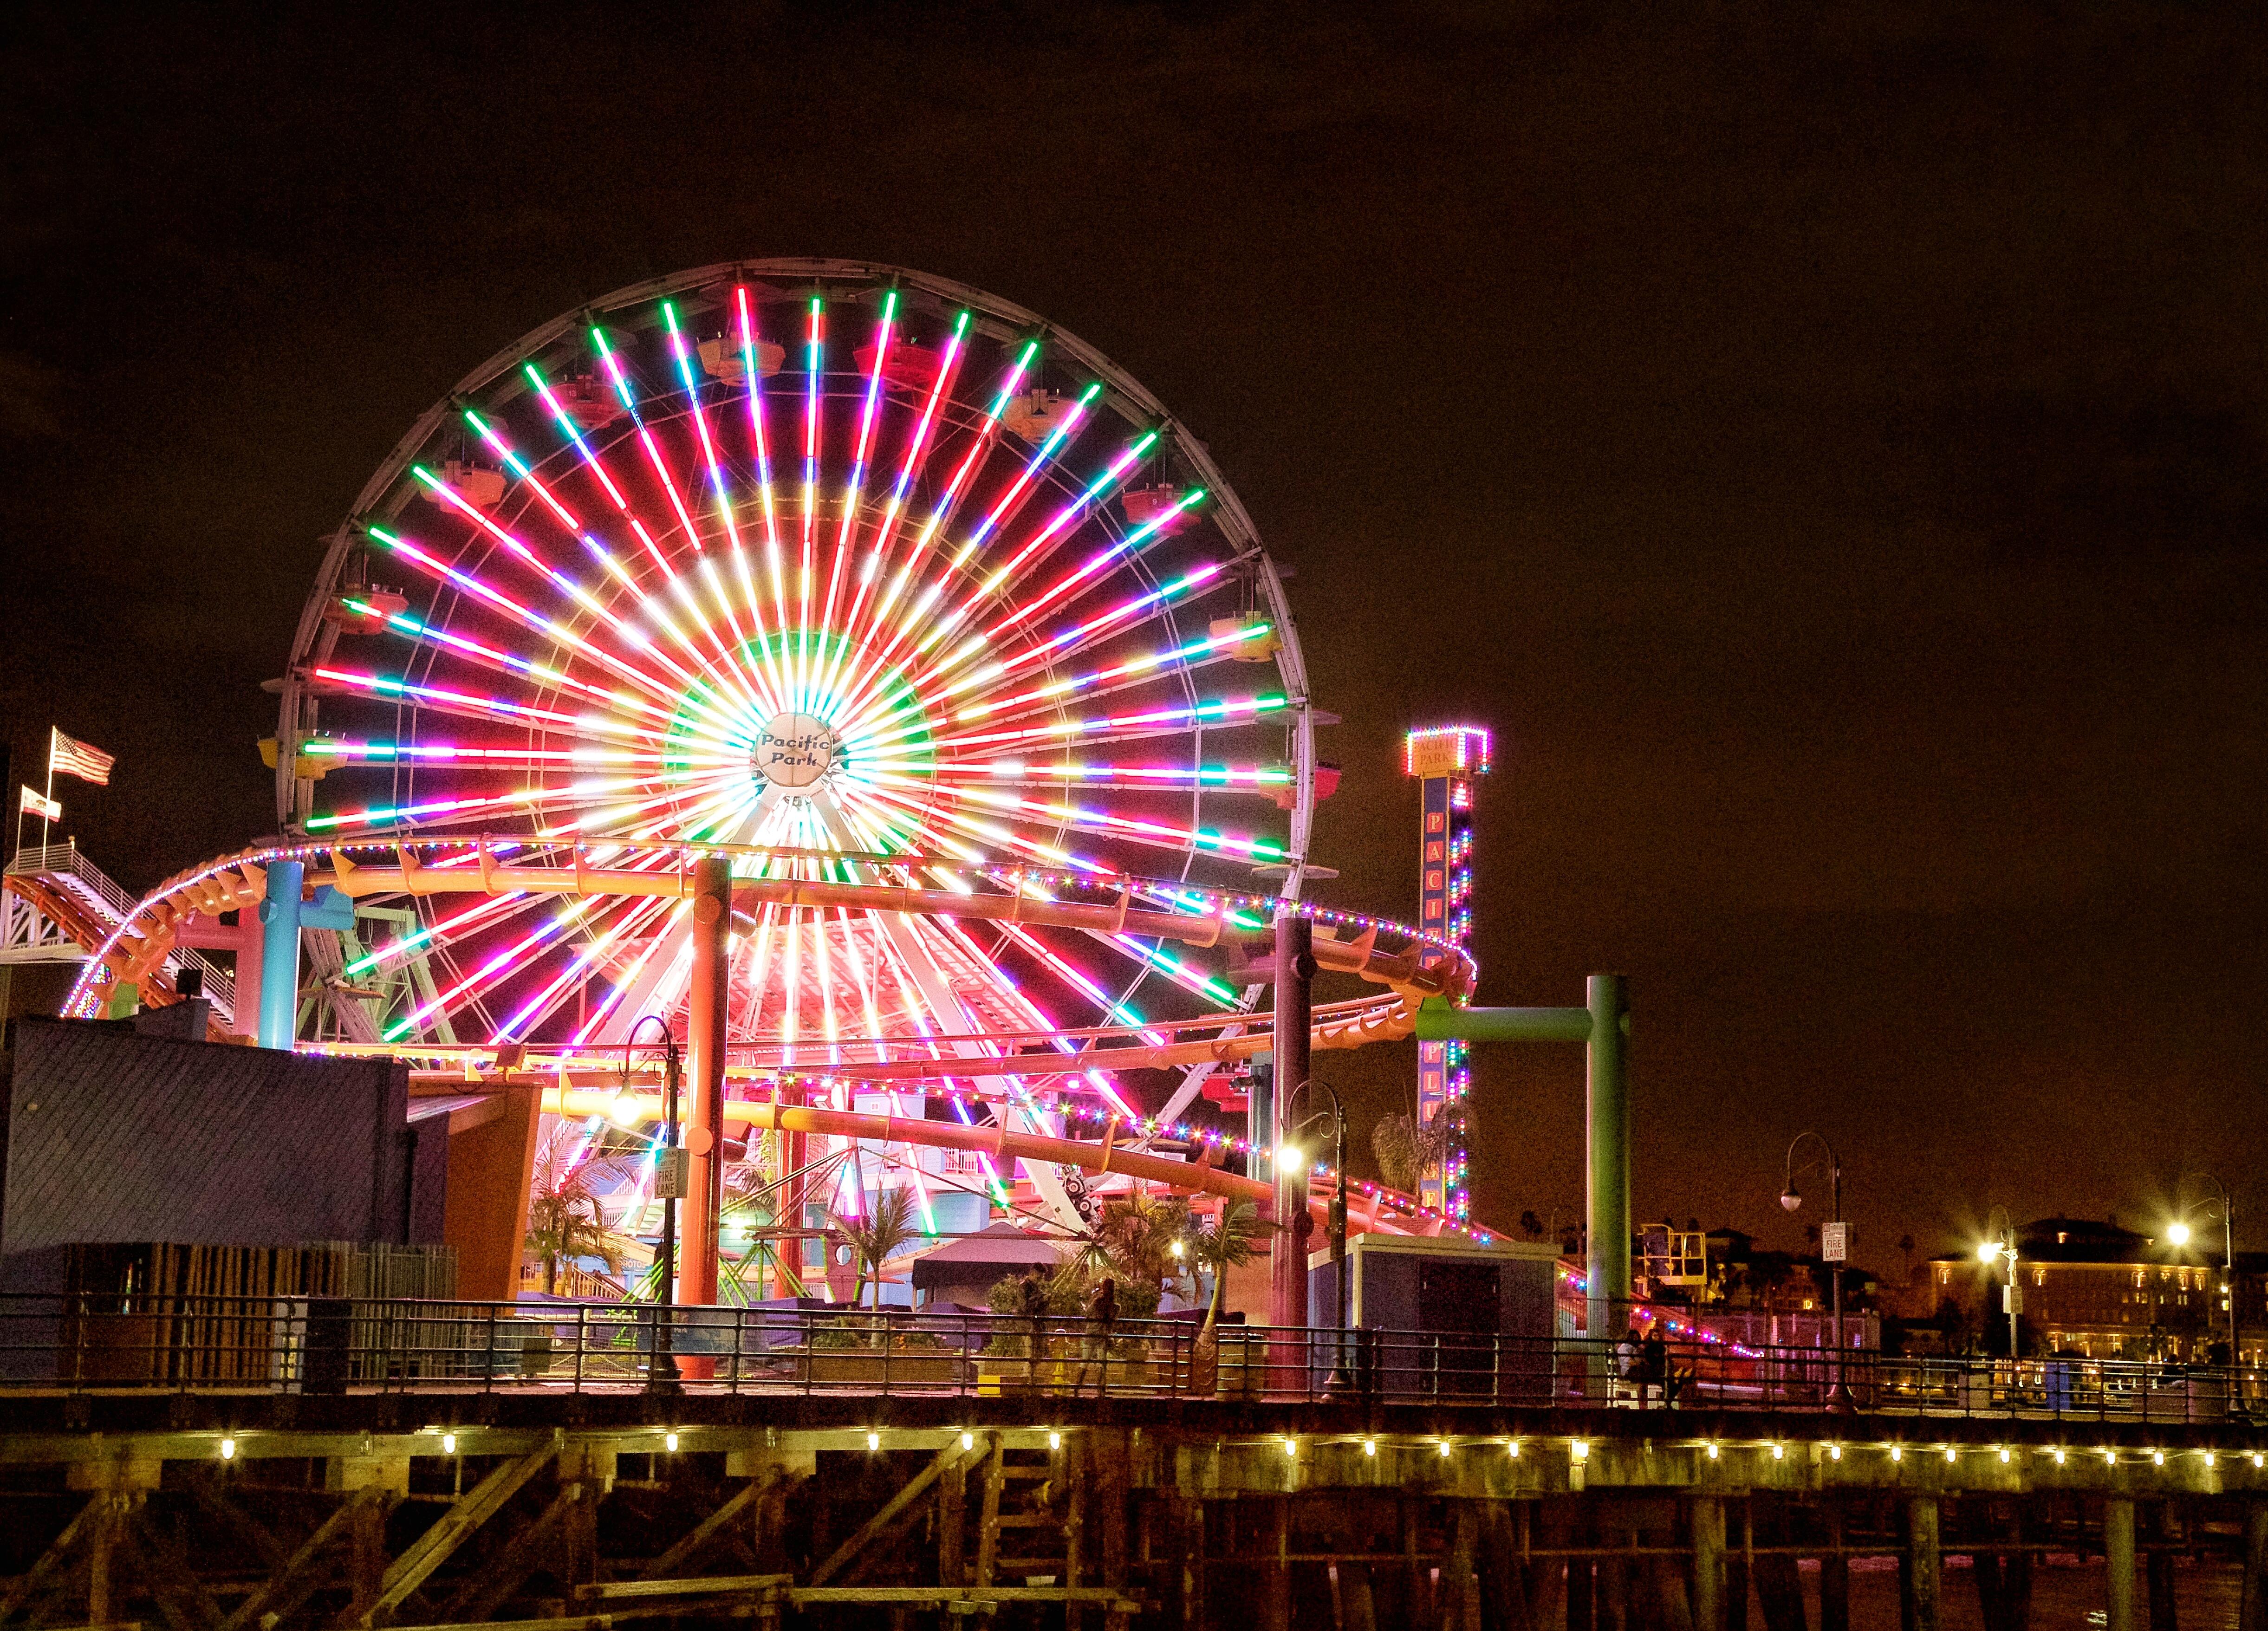 9. Santa Monica Pier